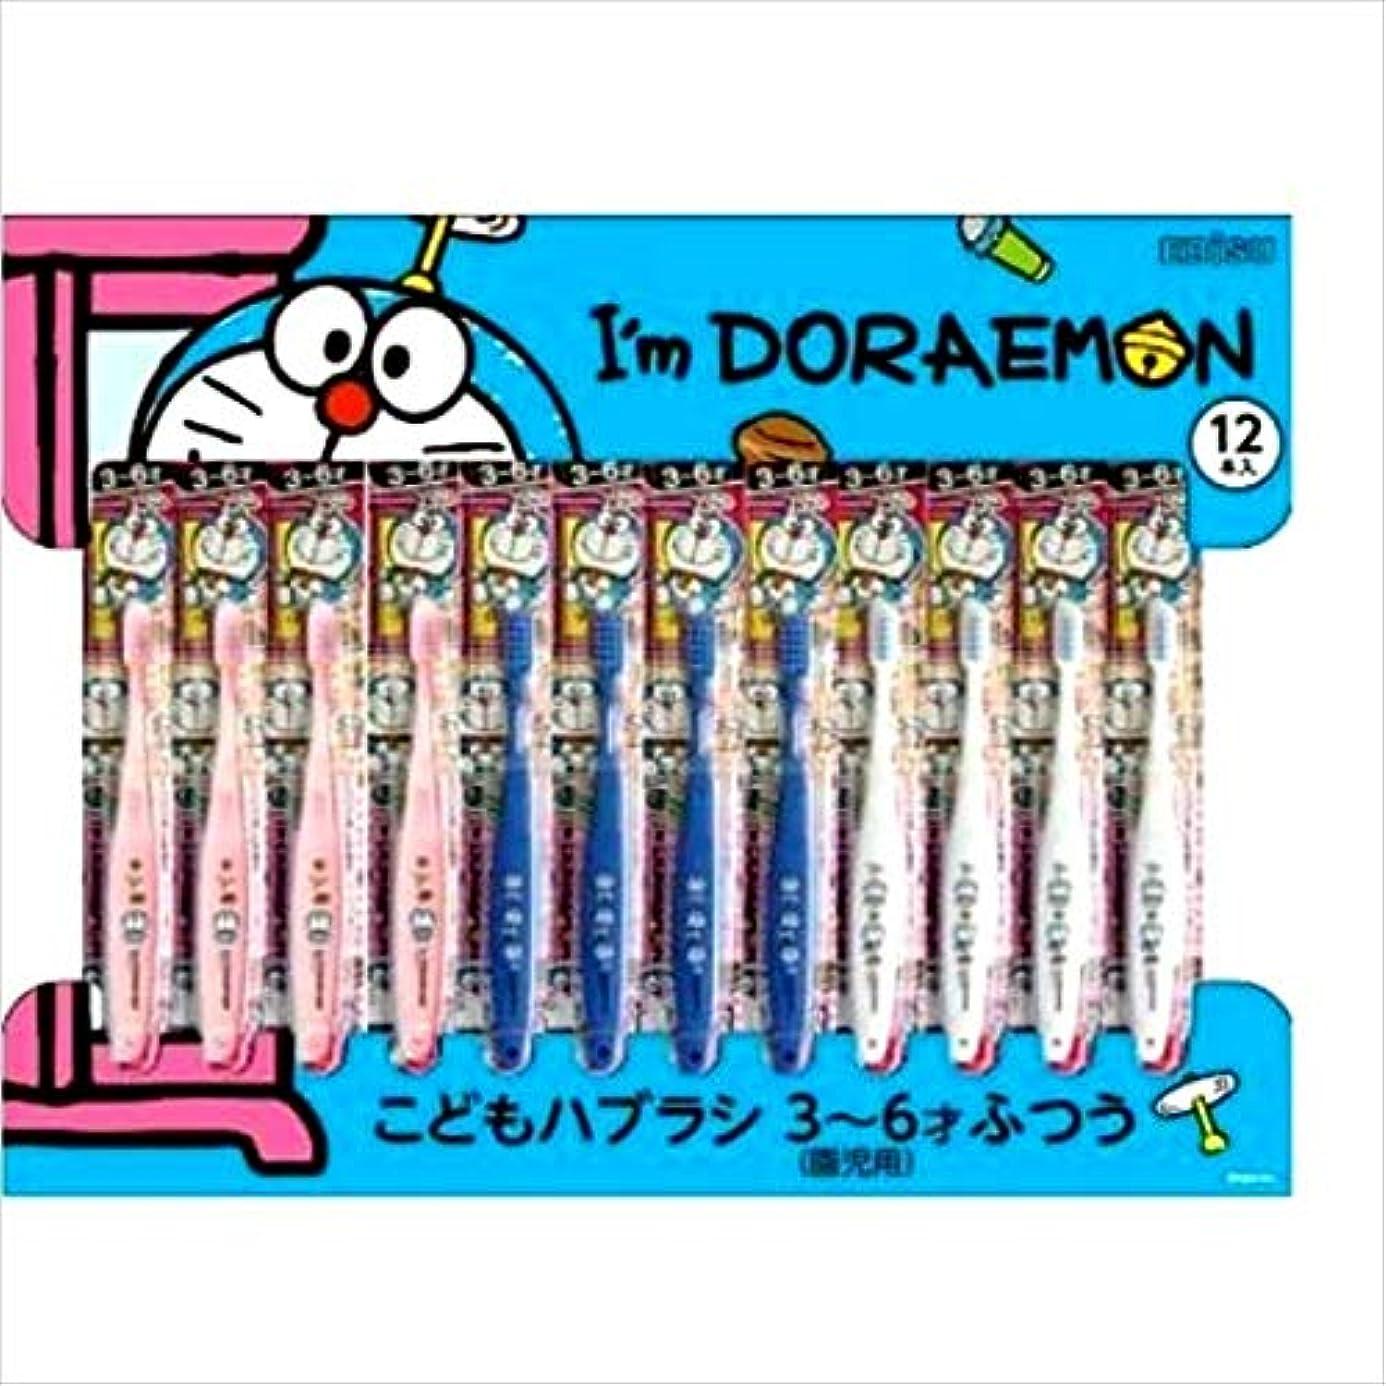 件名ボーナス誘惑するI'M DORAEMON 子供用 歯ブラシ 12本入り